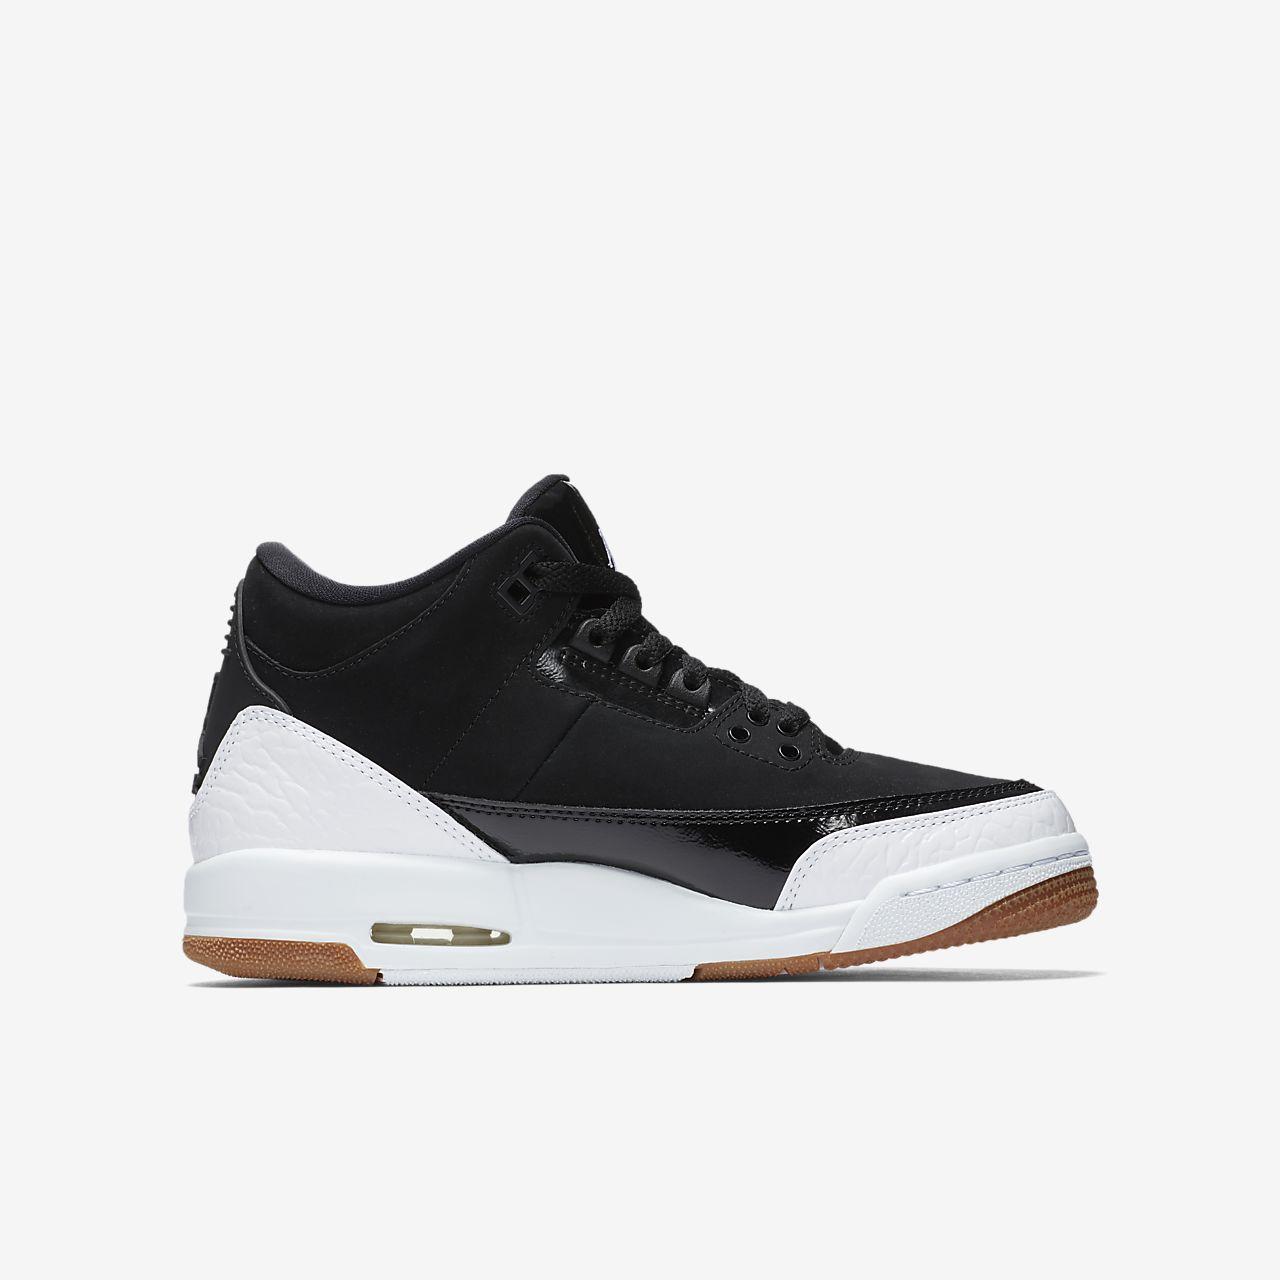 Scarpe da ginnastica Nike in Pelle E Pelle Scamosciata Stile Retr Alla Moda Misura uk 5